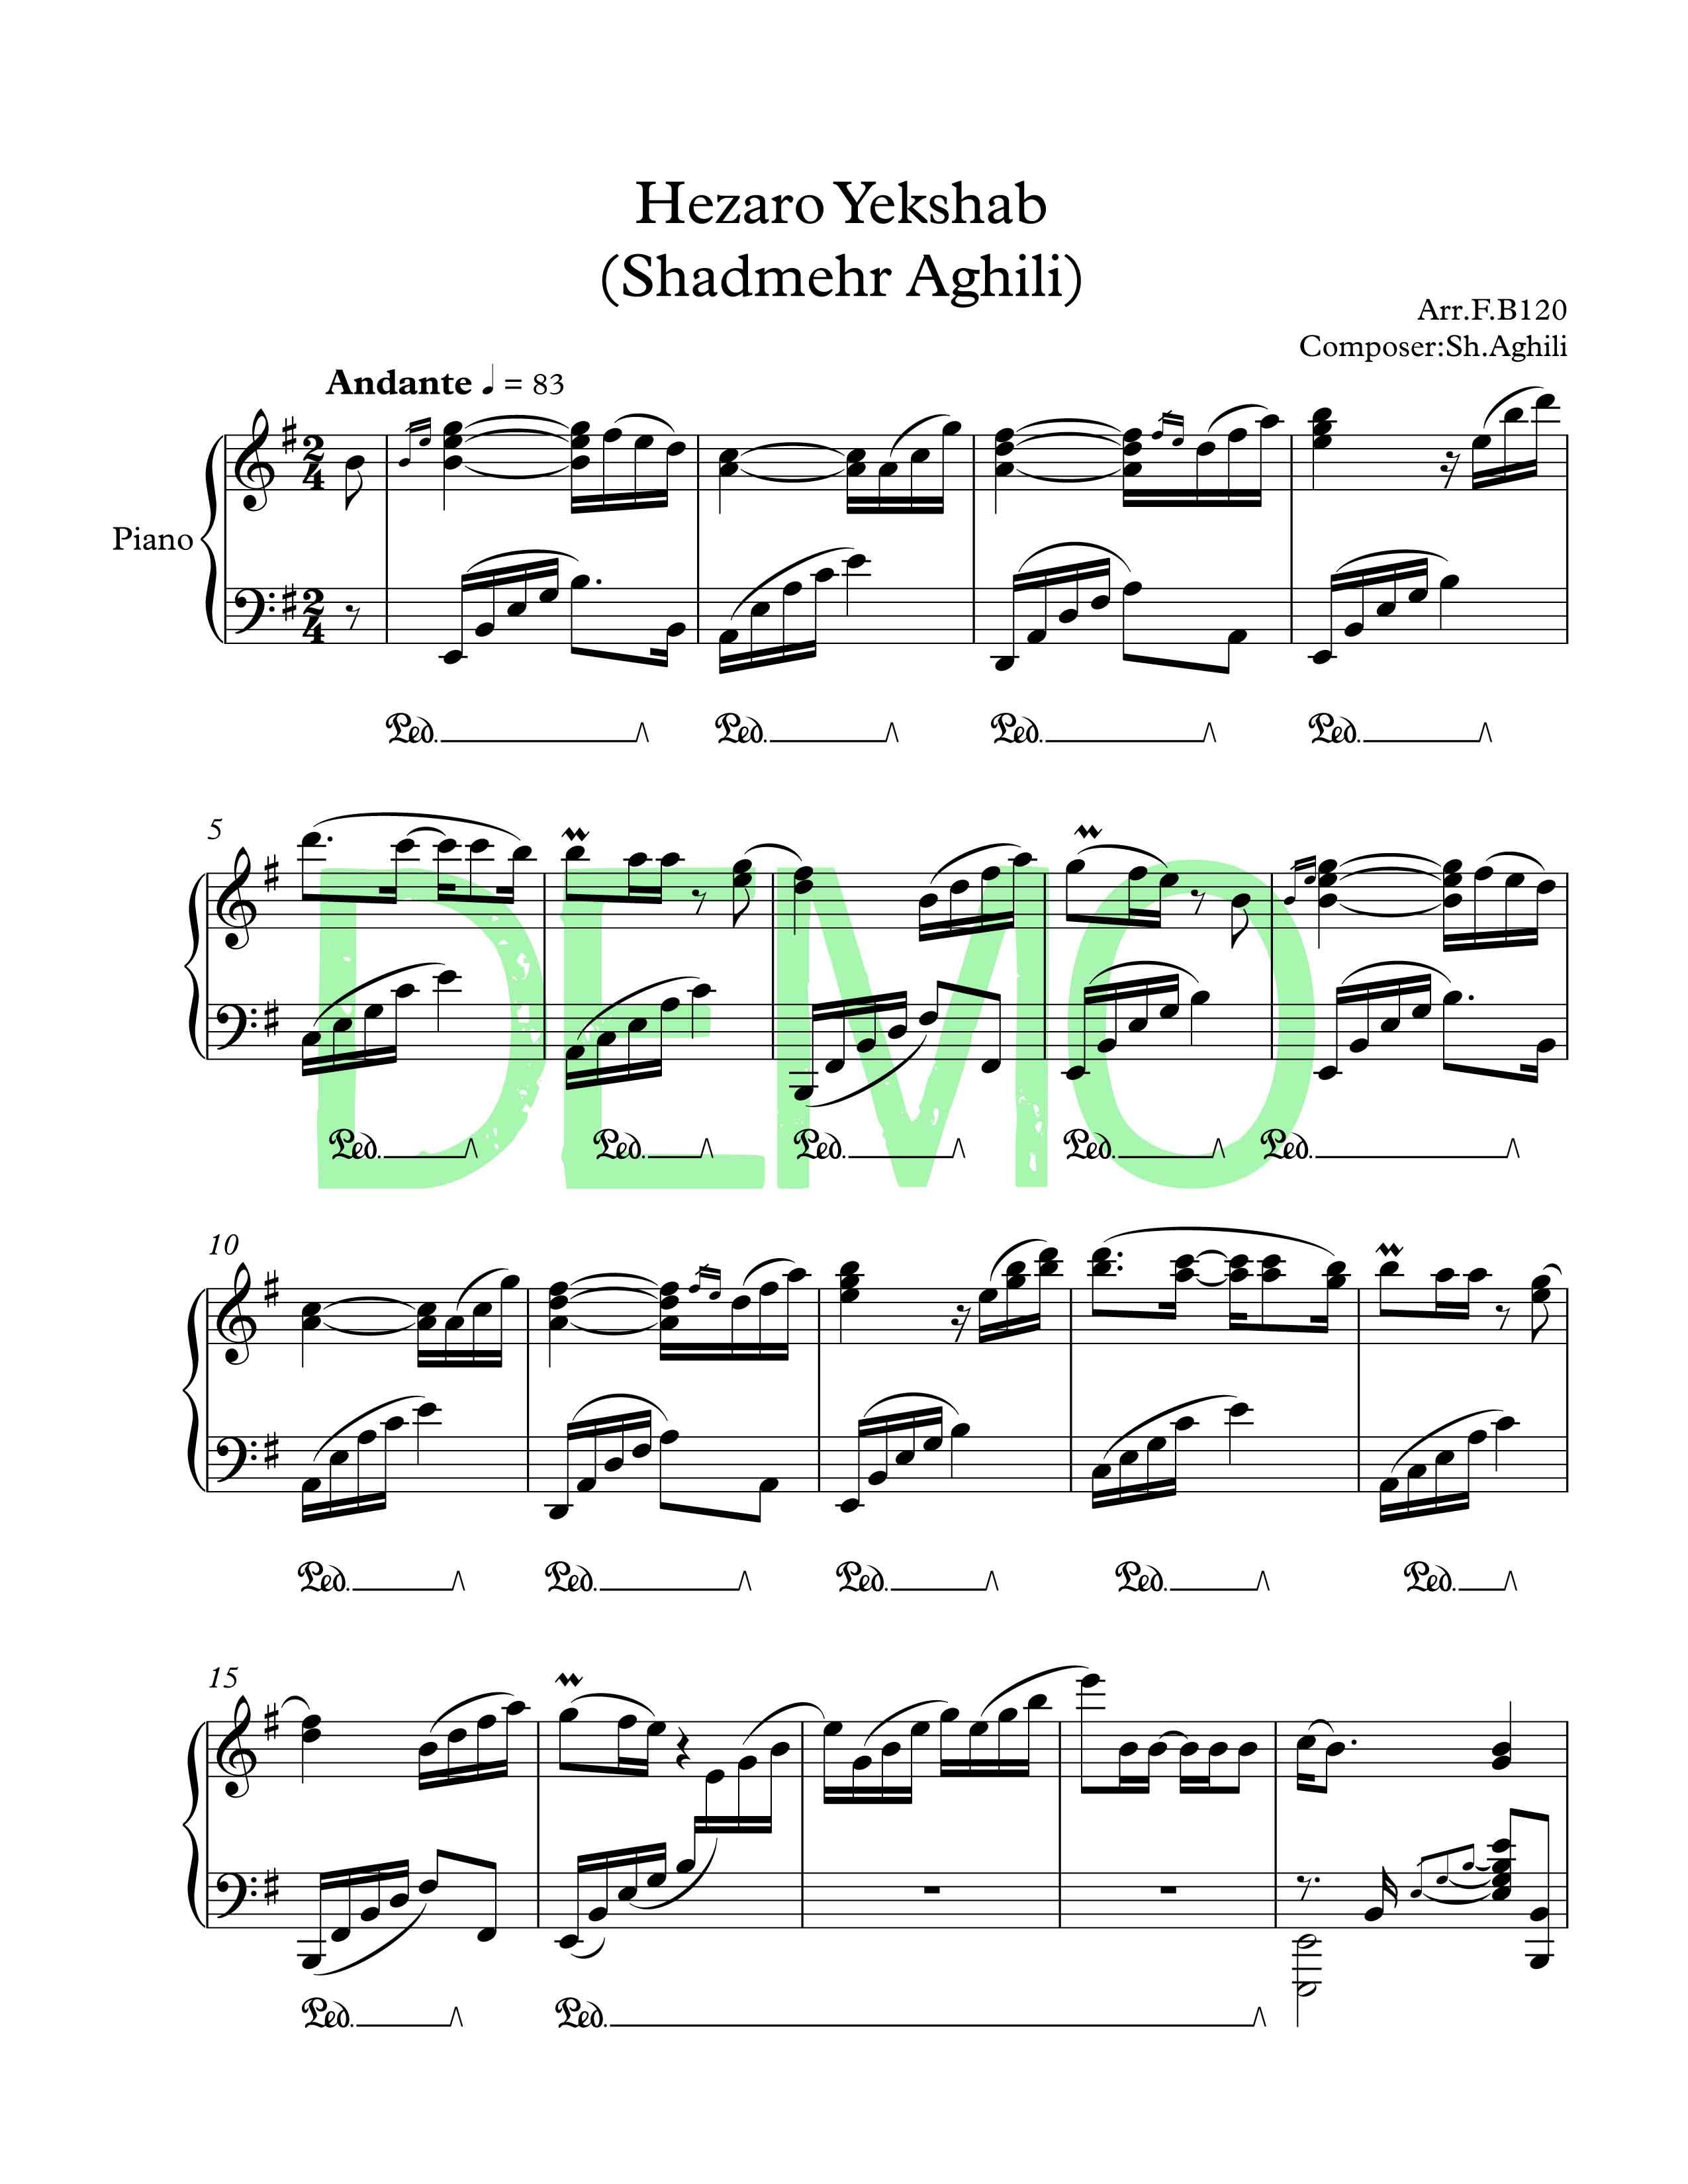 نت پیانوی هزارو یک شب از شادمهر عقیلی